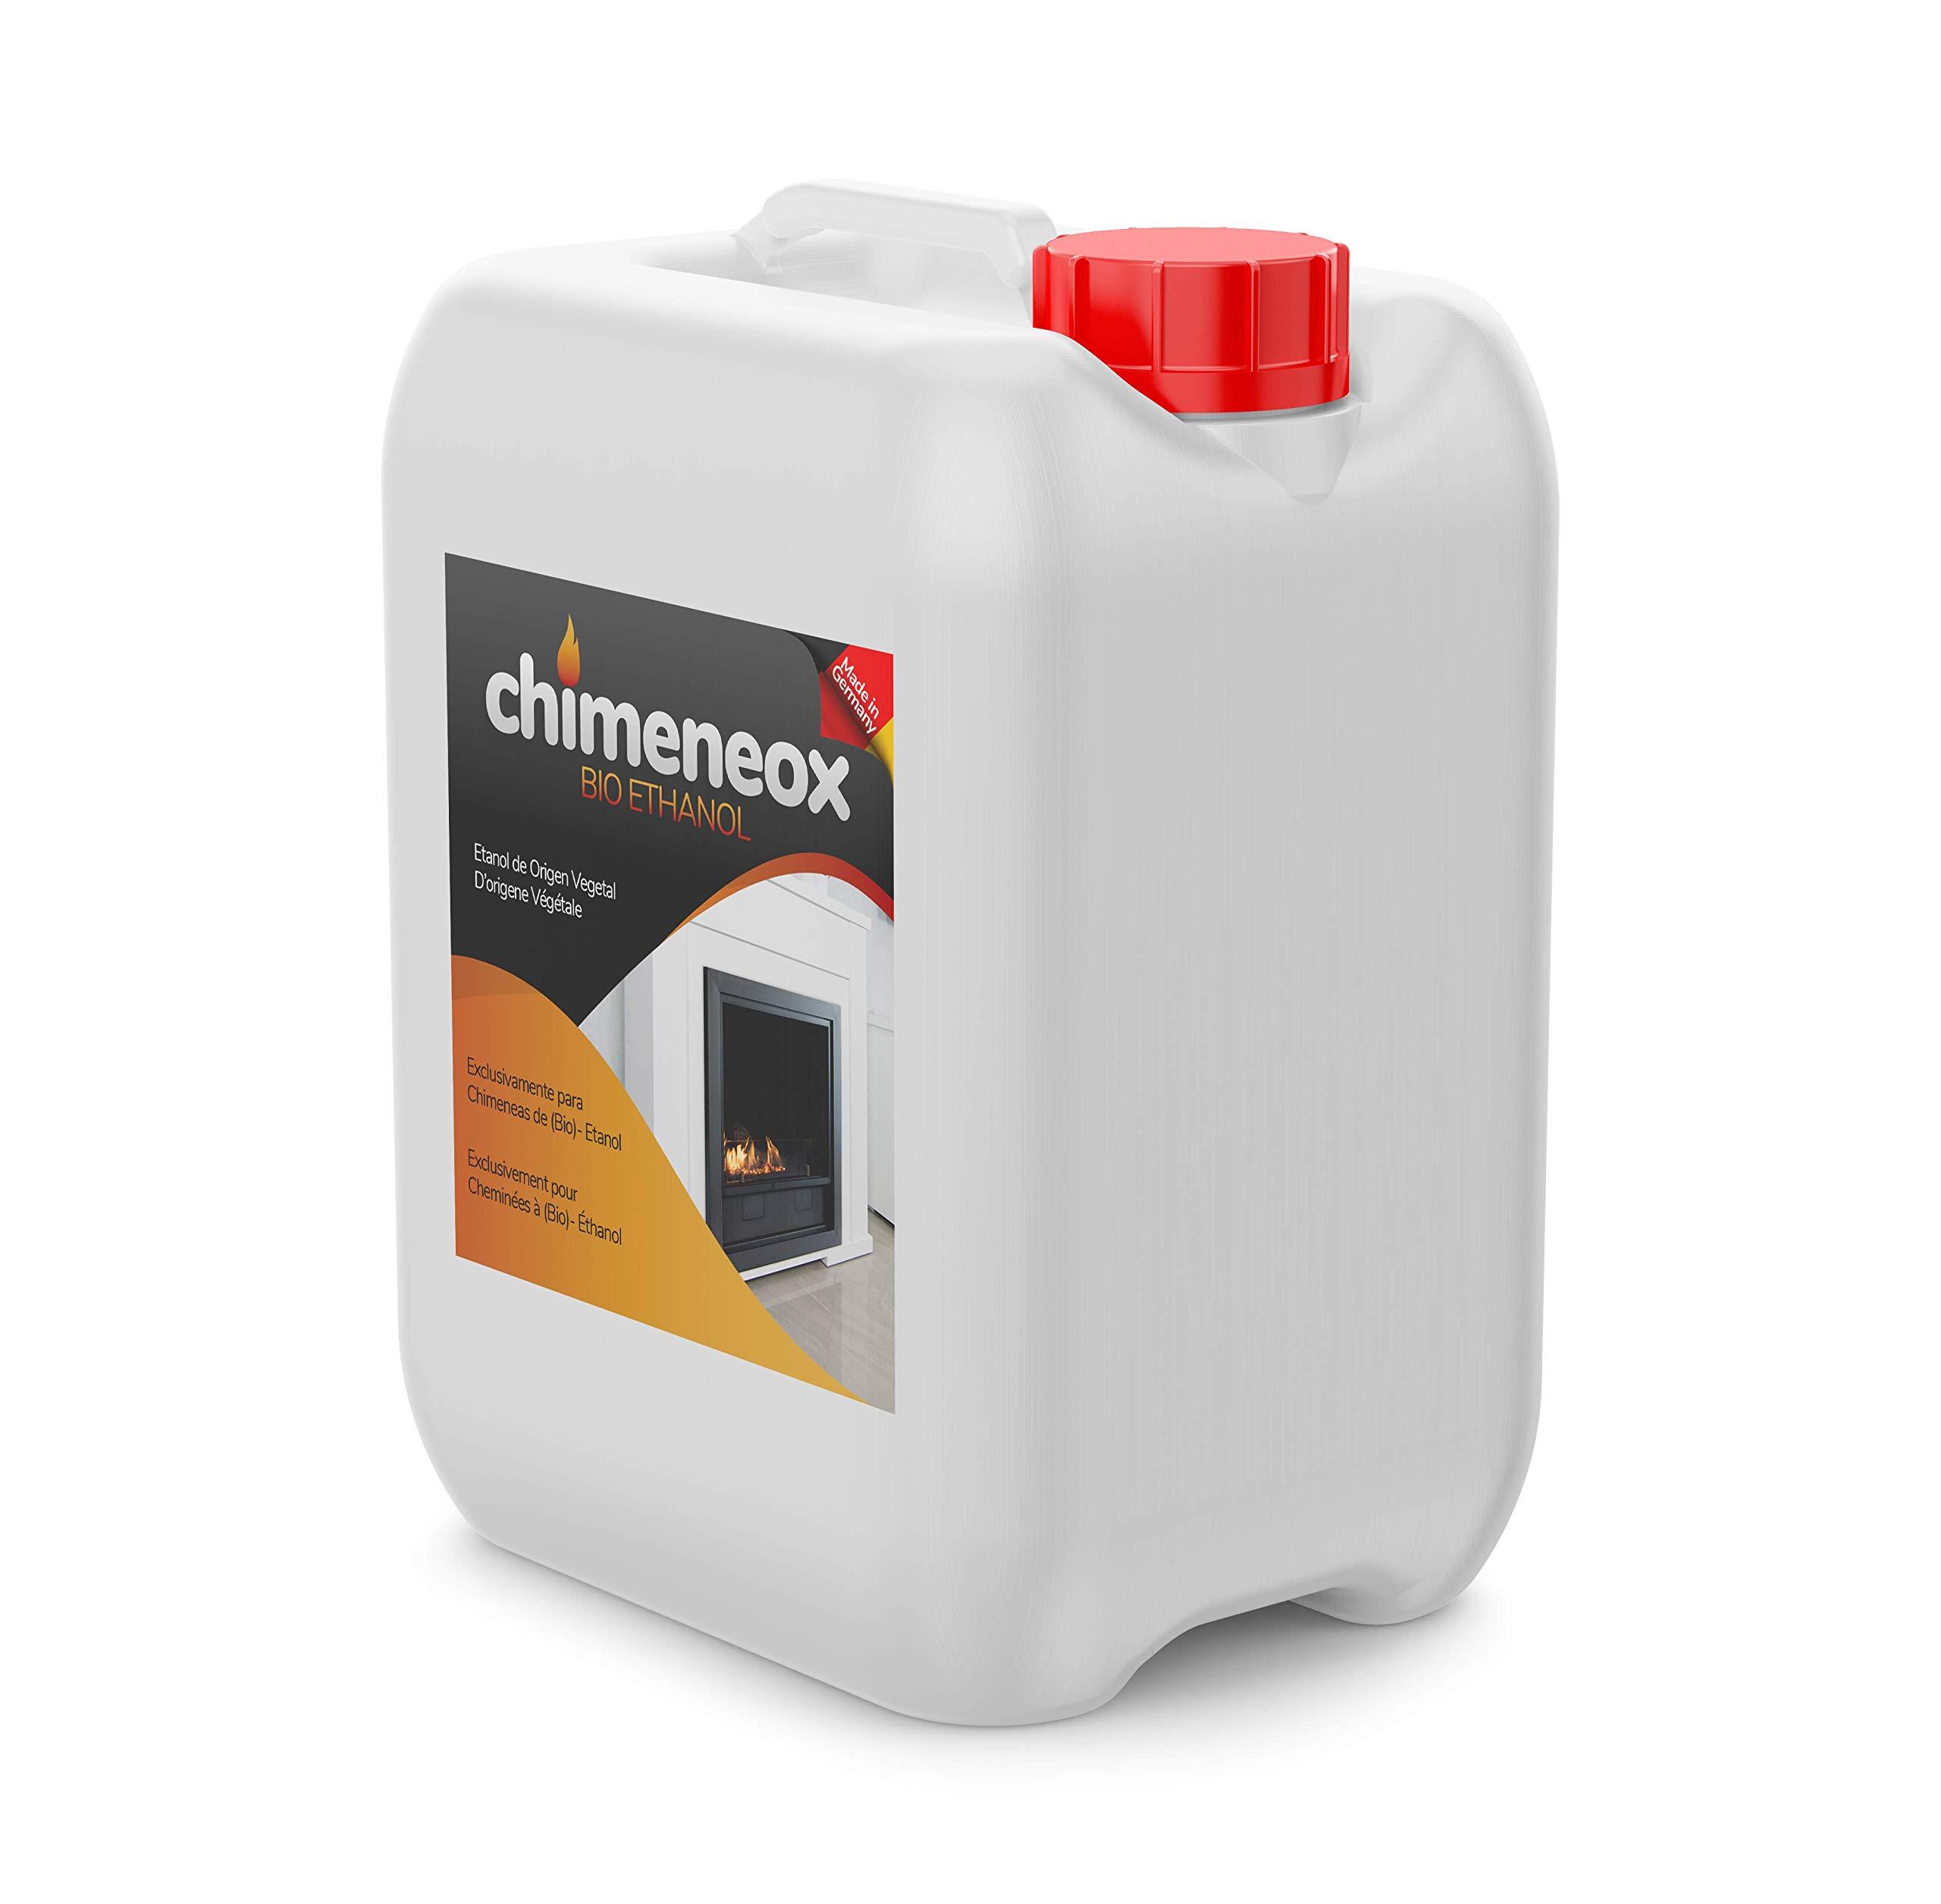 Mejor valorados en chimeneas y accesorios opiniones - Chimeneas de bioetanol opiniones ...